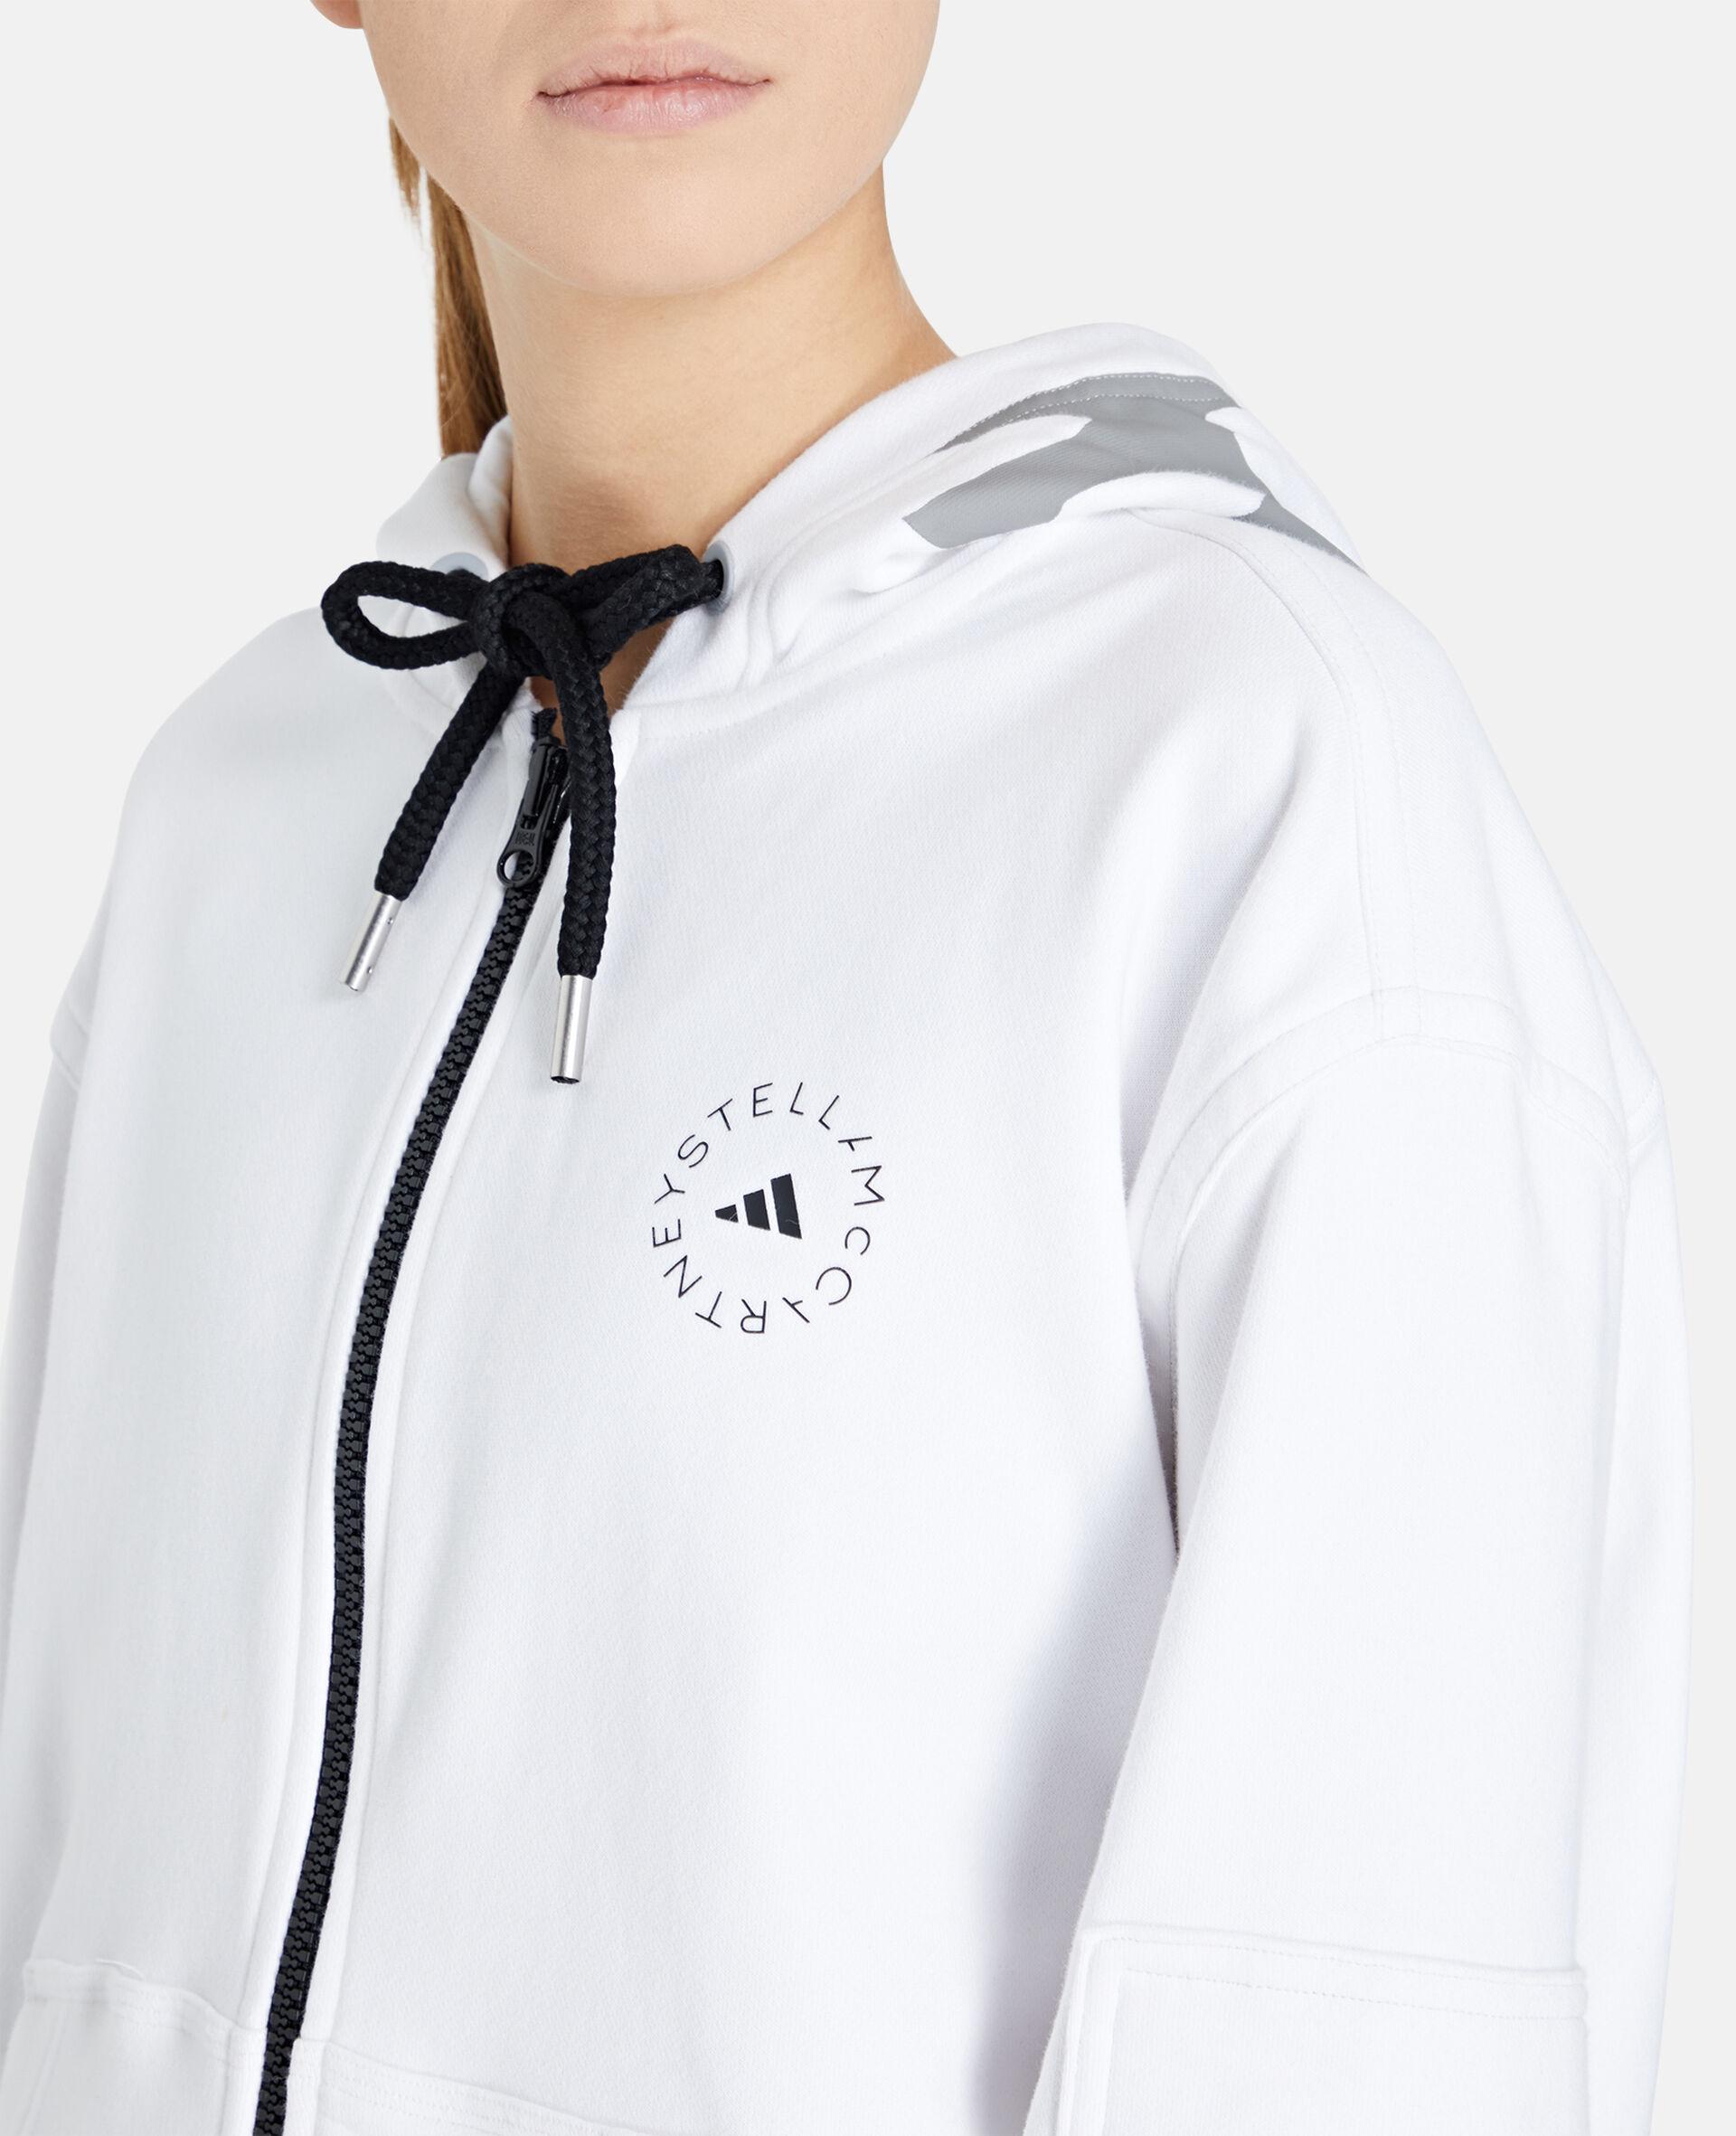 Weißer Kapuzenpullover mit durchgehendem Reißverschluss-Weiß-large image number 3